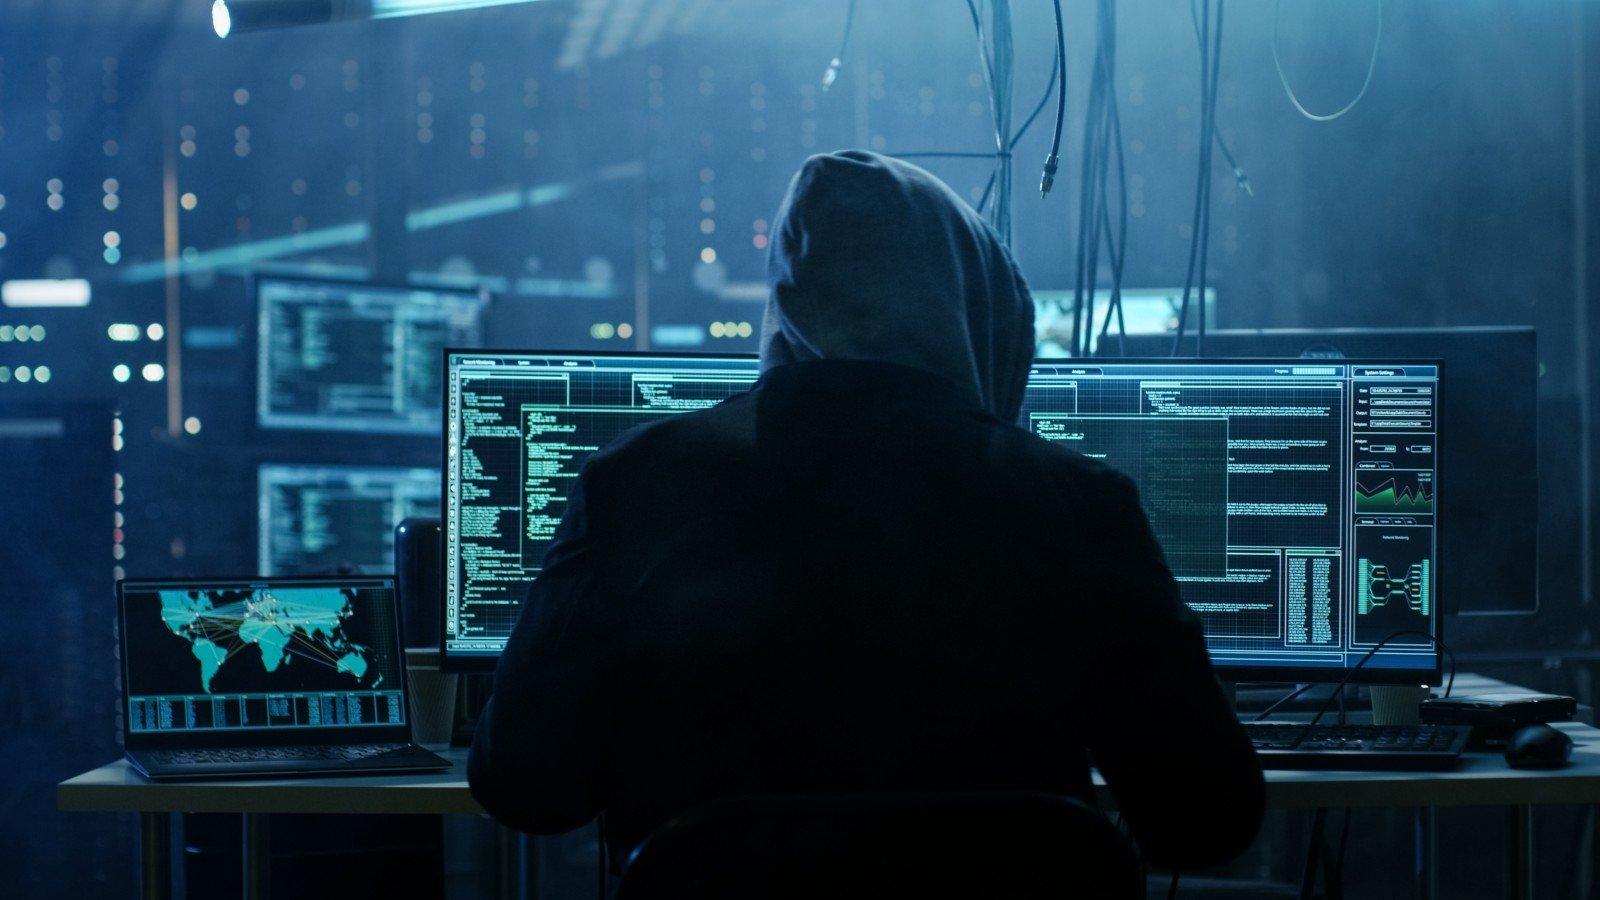 How To Make Spy Computer Via Windows Spy Software